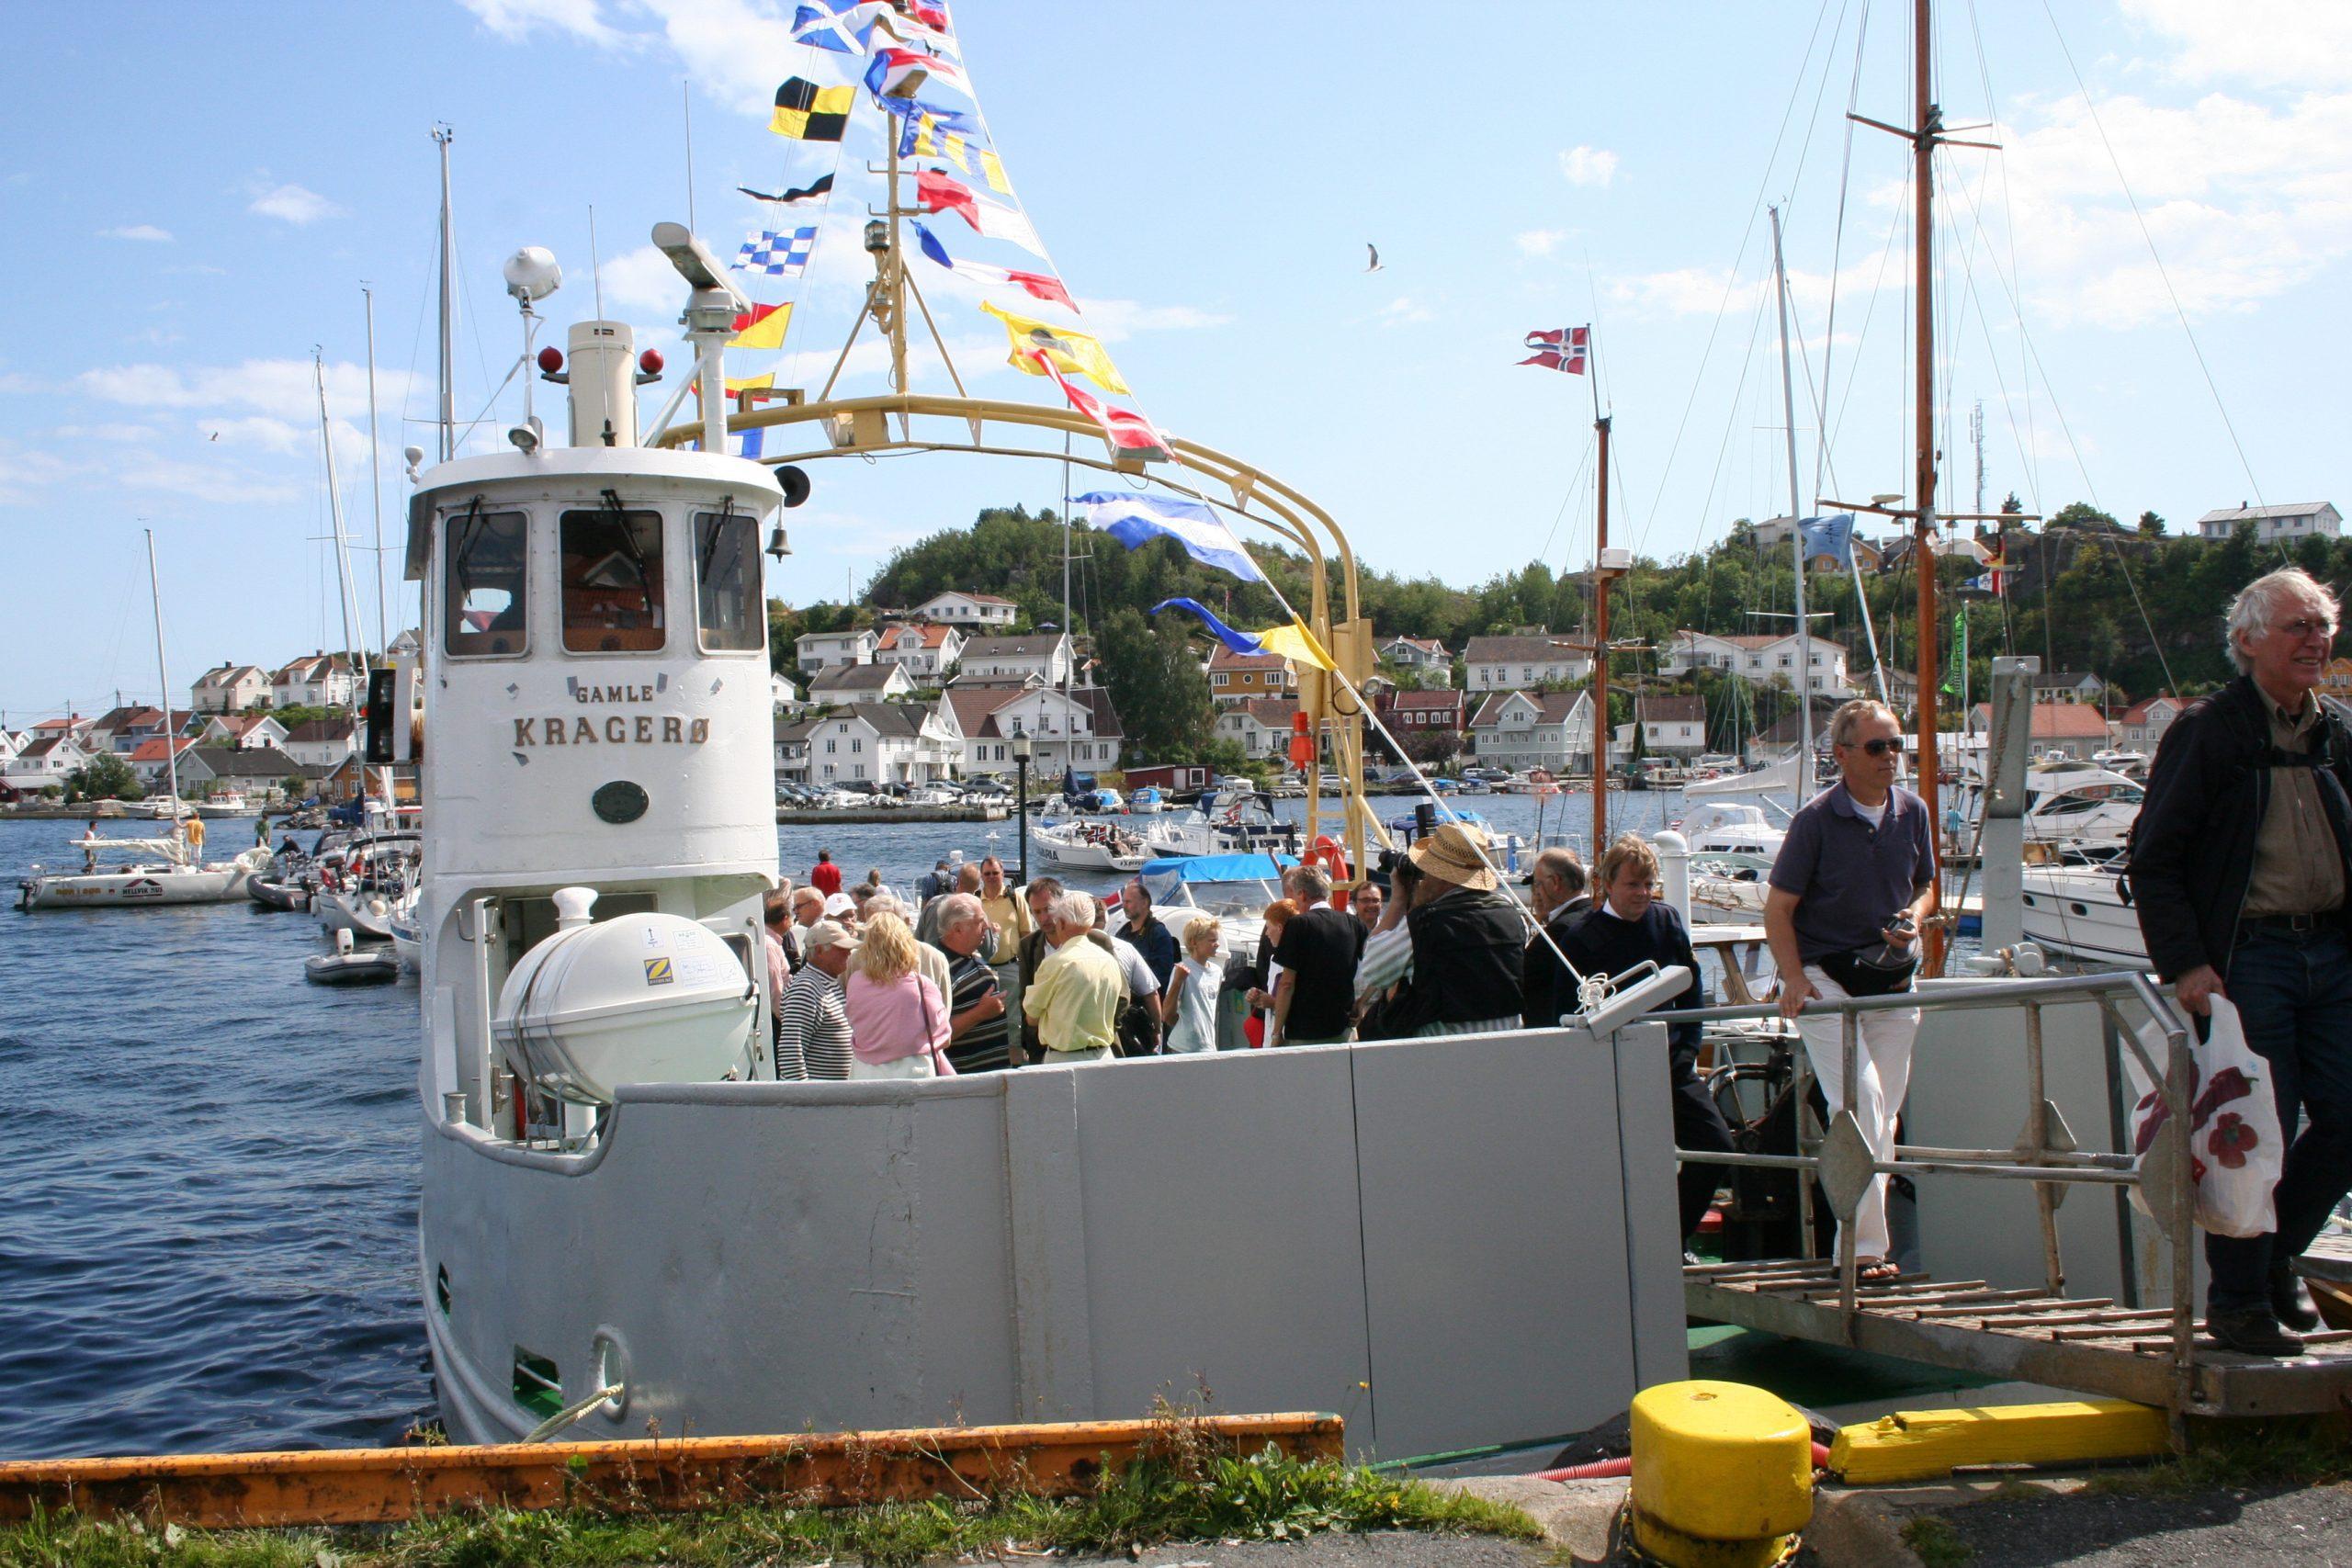 Gamle Kragerø